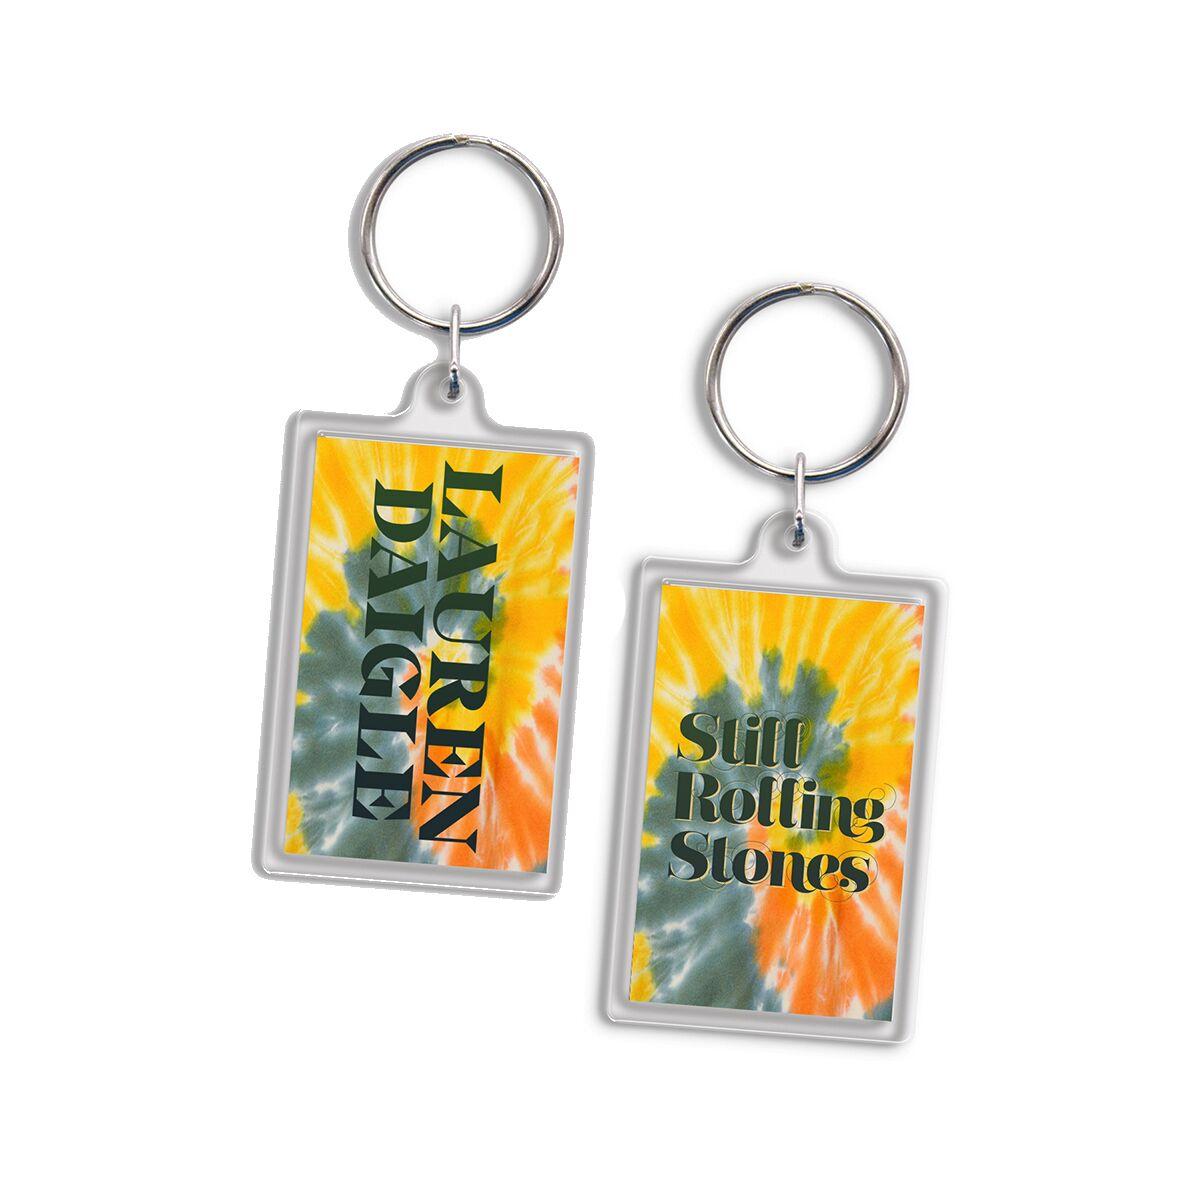 Rolling Stones Tie Dye Keychain